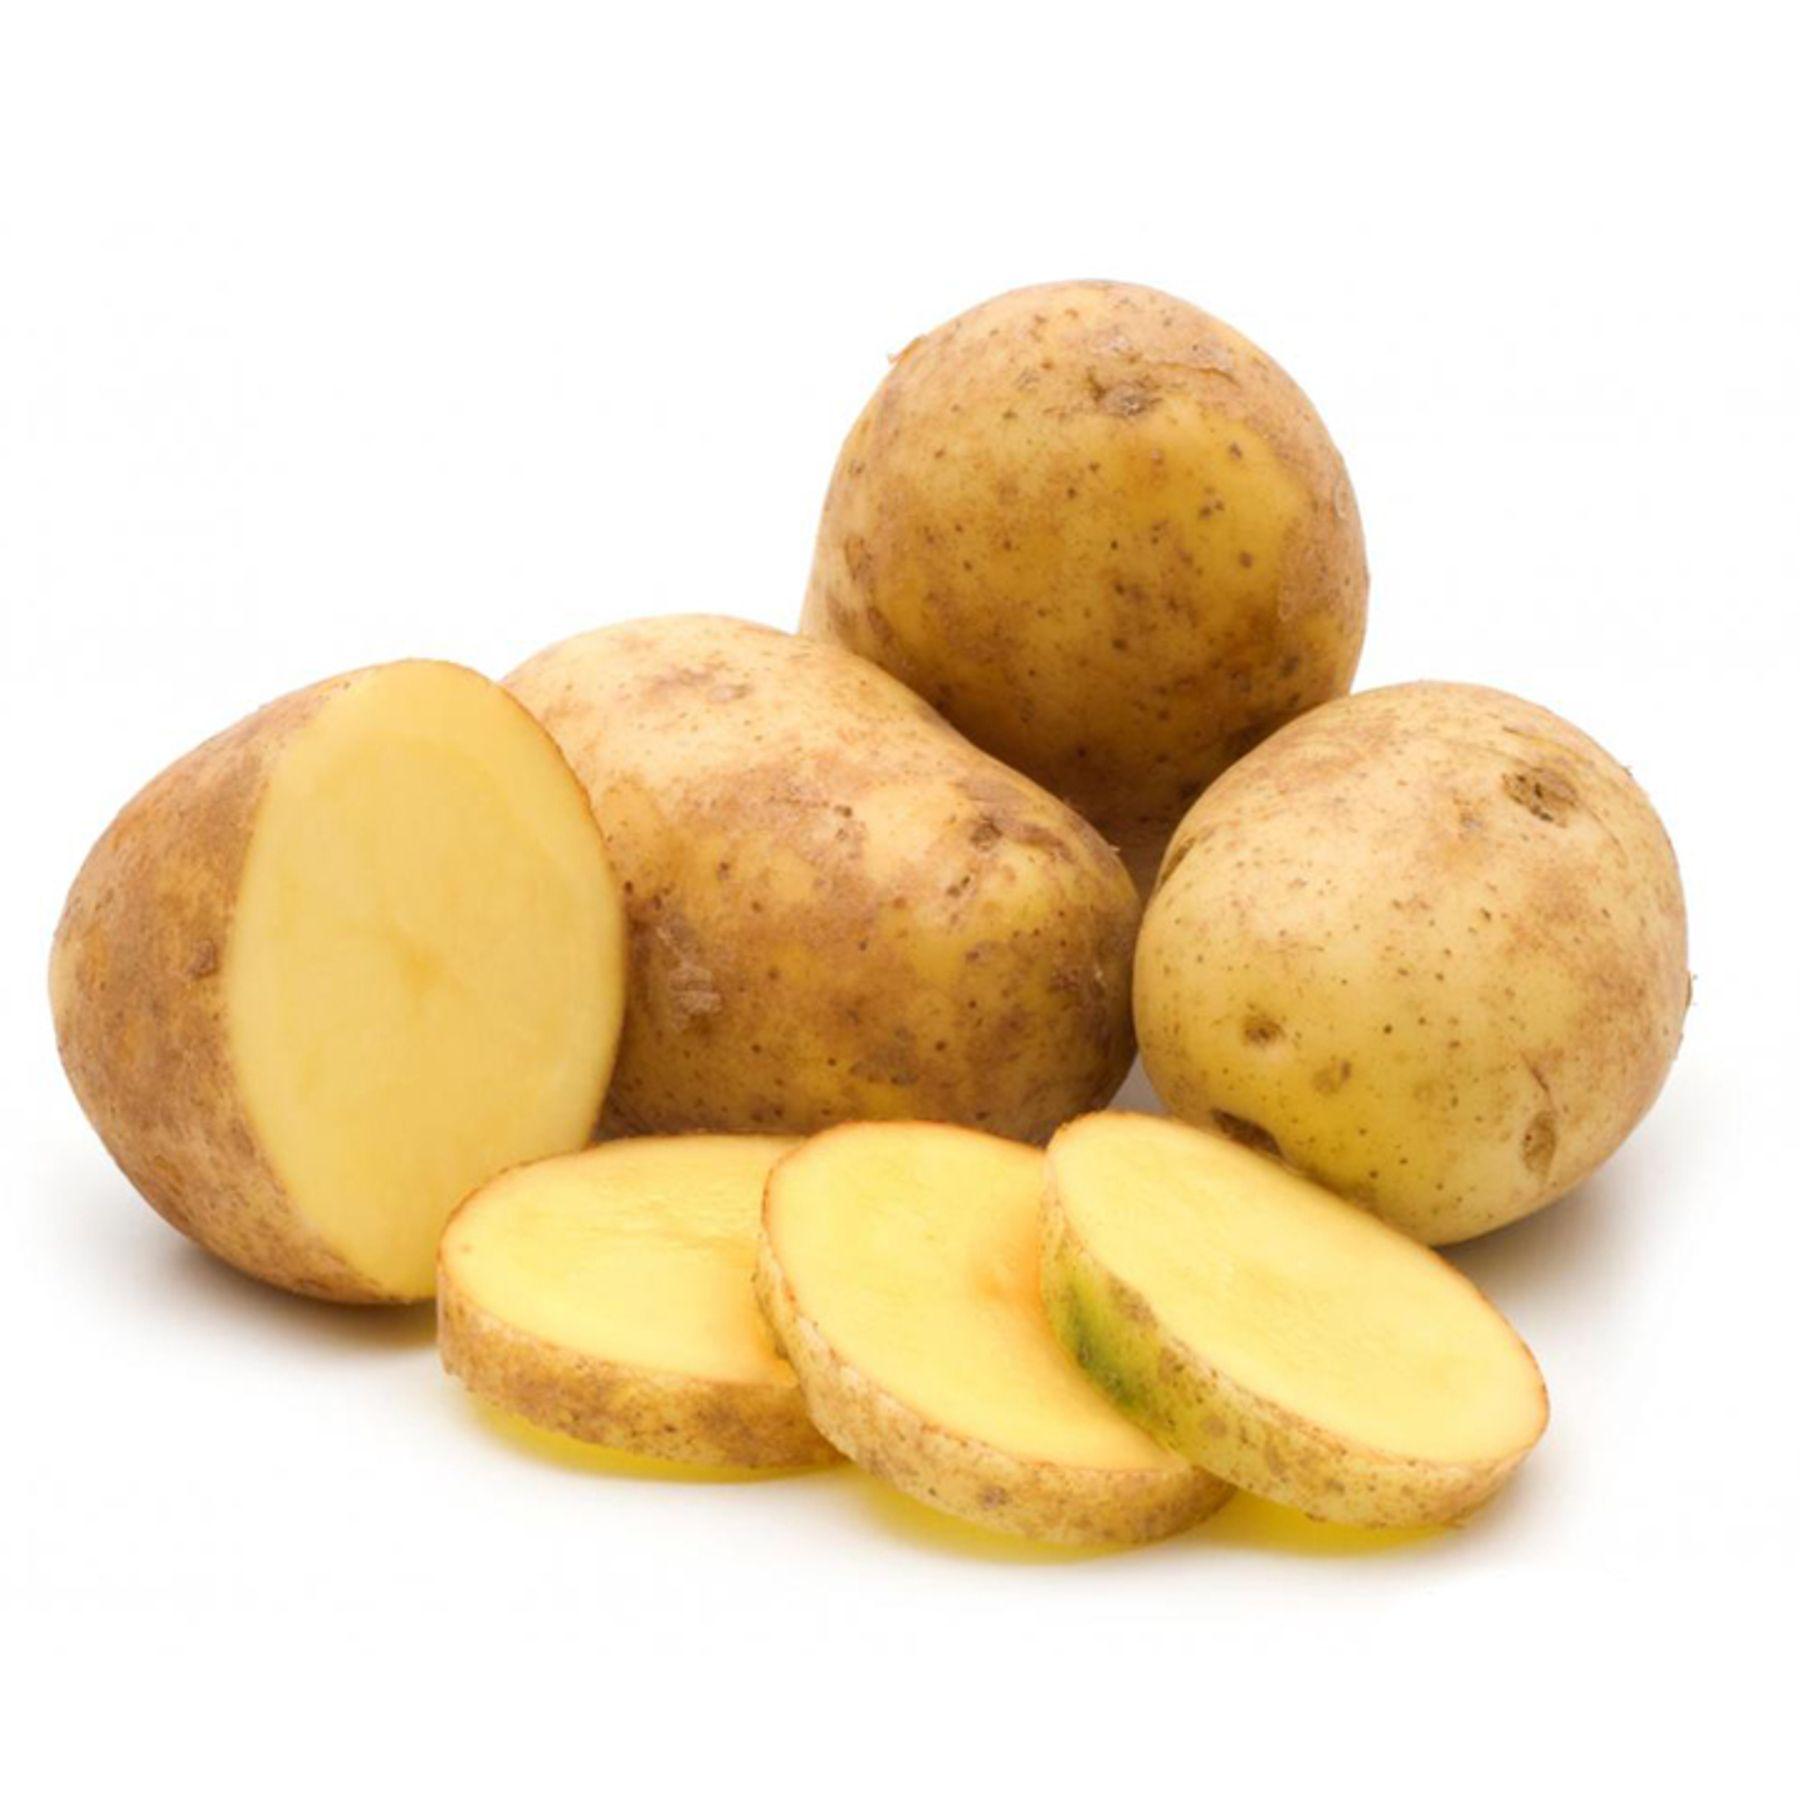 Sử dụng khoai tây để tẩy mốc quần áo